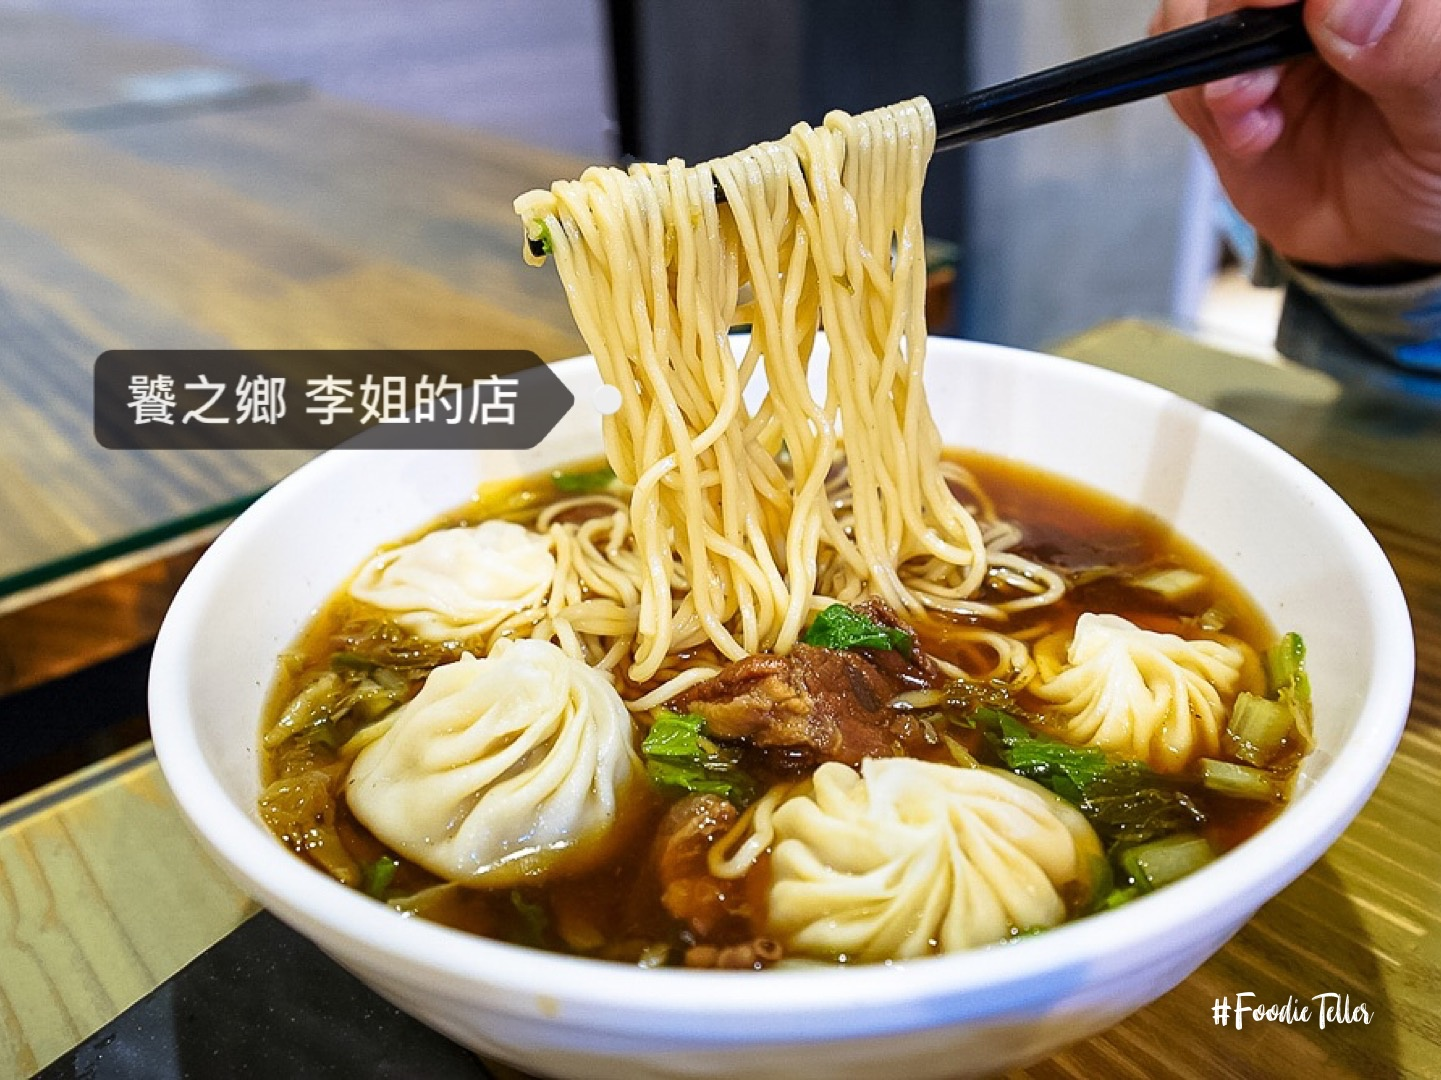 台中向上市場美食推薦|饕之鄉李姐的店隱藏版吃法小籠湯包加牛肉麵!